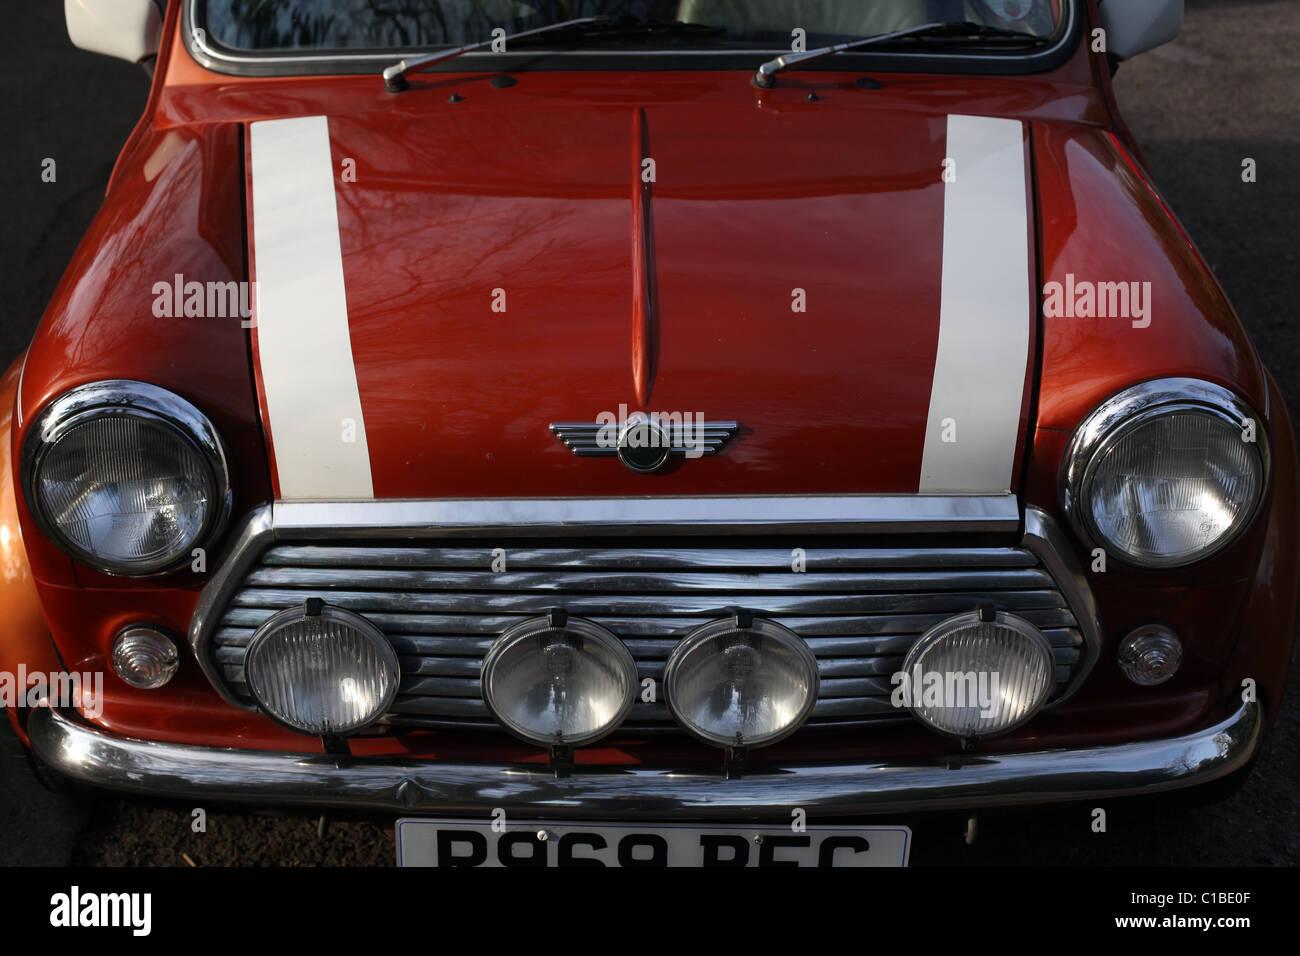 Detalle de un clásico Rover Mini coche Imagen De Stock